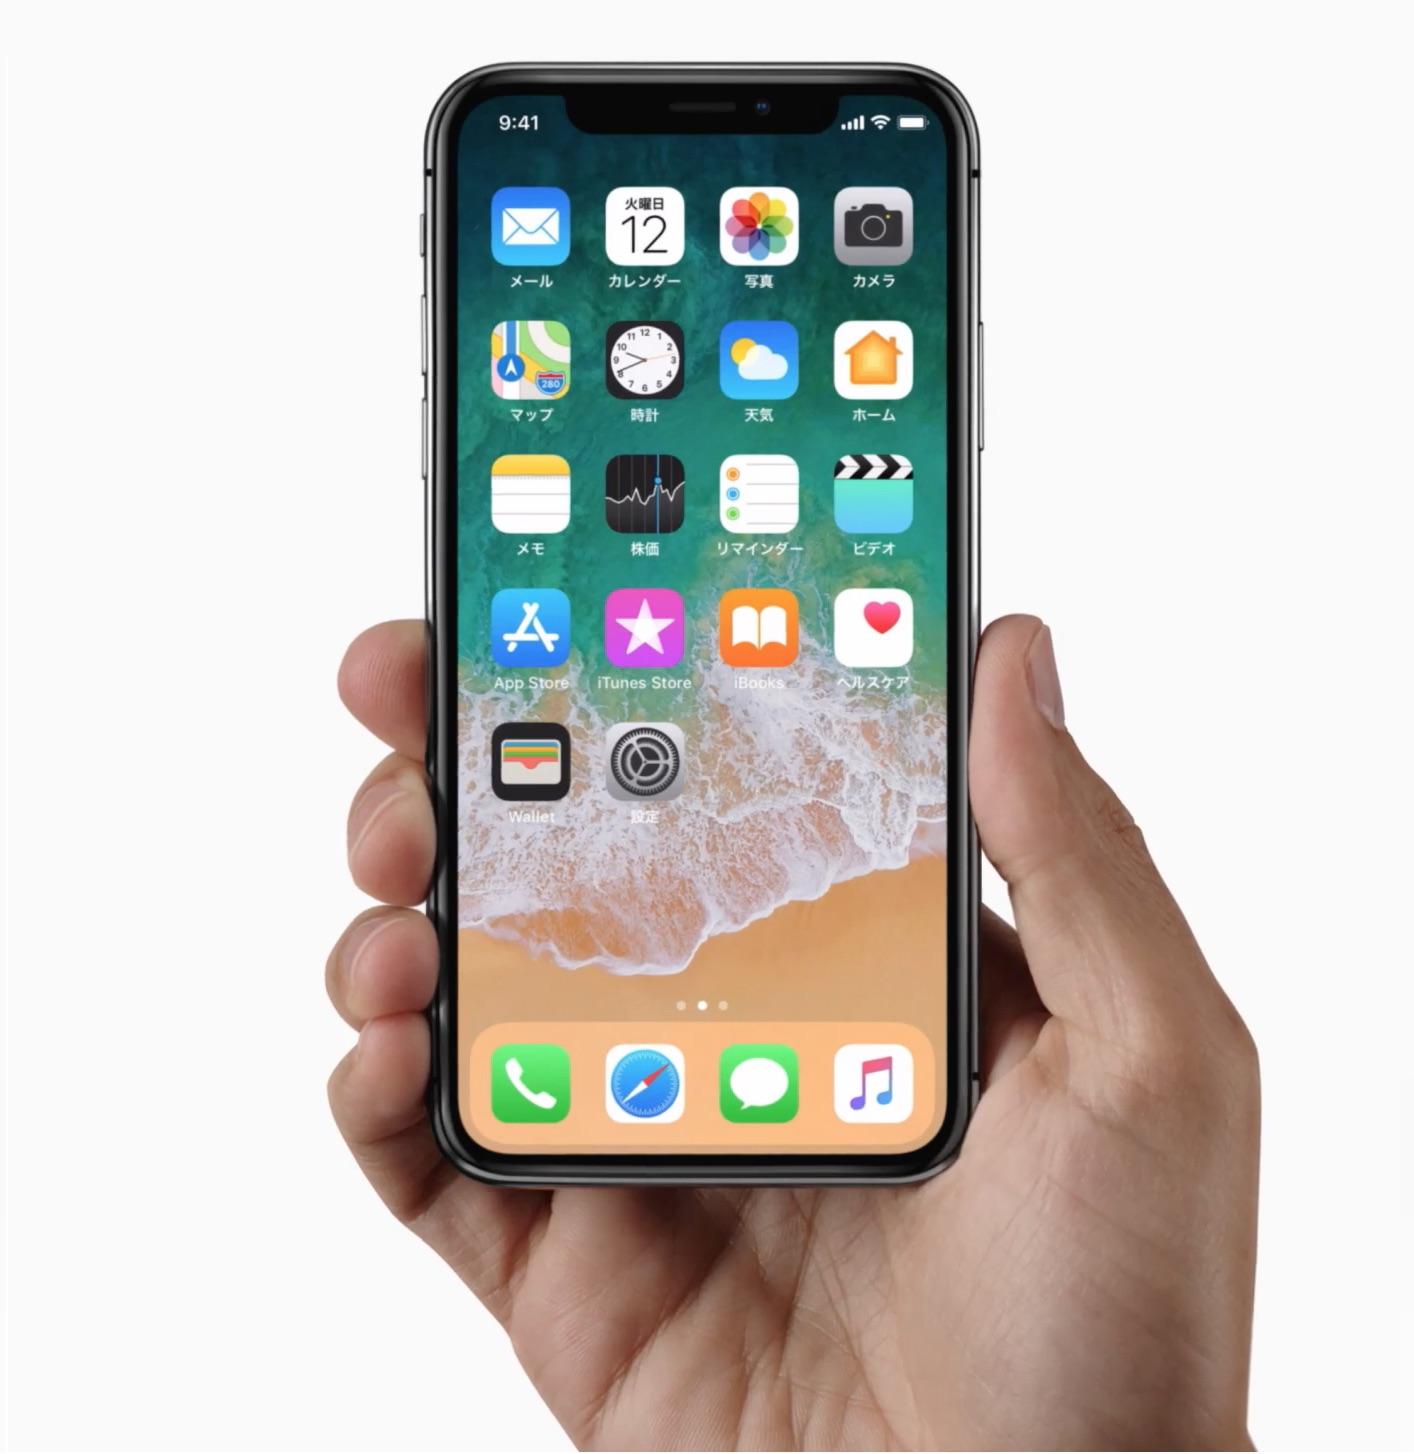 Appleは本日、開発者向けに2018年4月から新たにAppStoreに登録されるアプリは全てiPhone X に対応しなければならないことを発表しました。